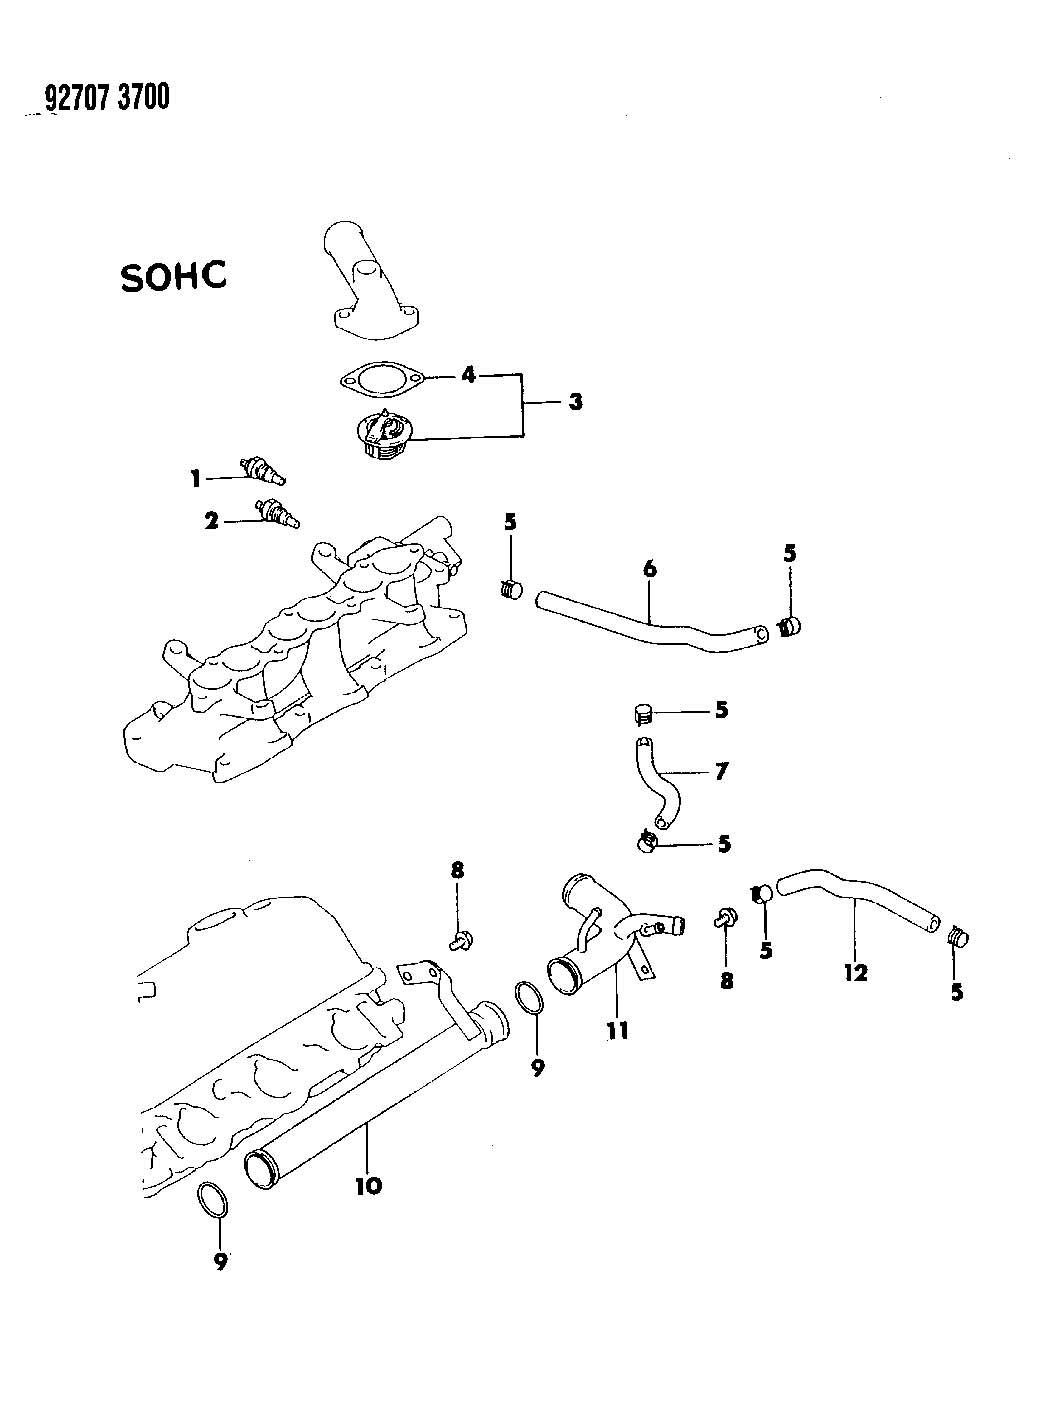 dodge stratus gauge  sensor engine temperature 1997 honda accord parts diagram 1997 honda accord parts diagram 1997 honda accord parts diagram 1997 honda accord parts diagram